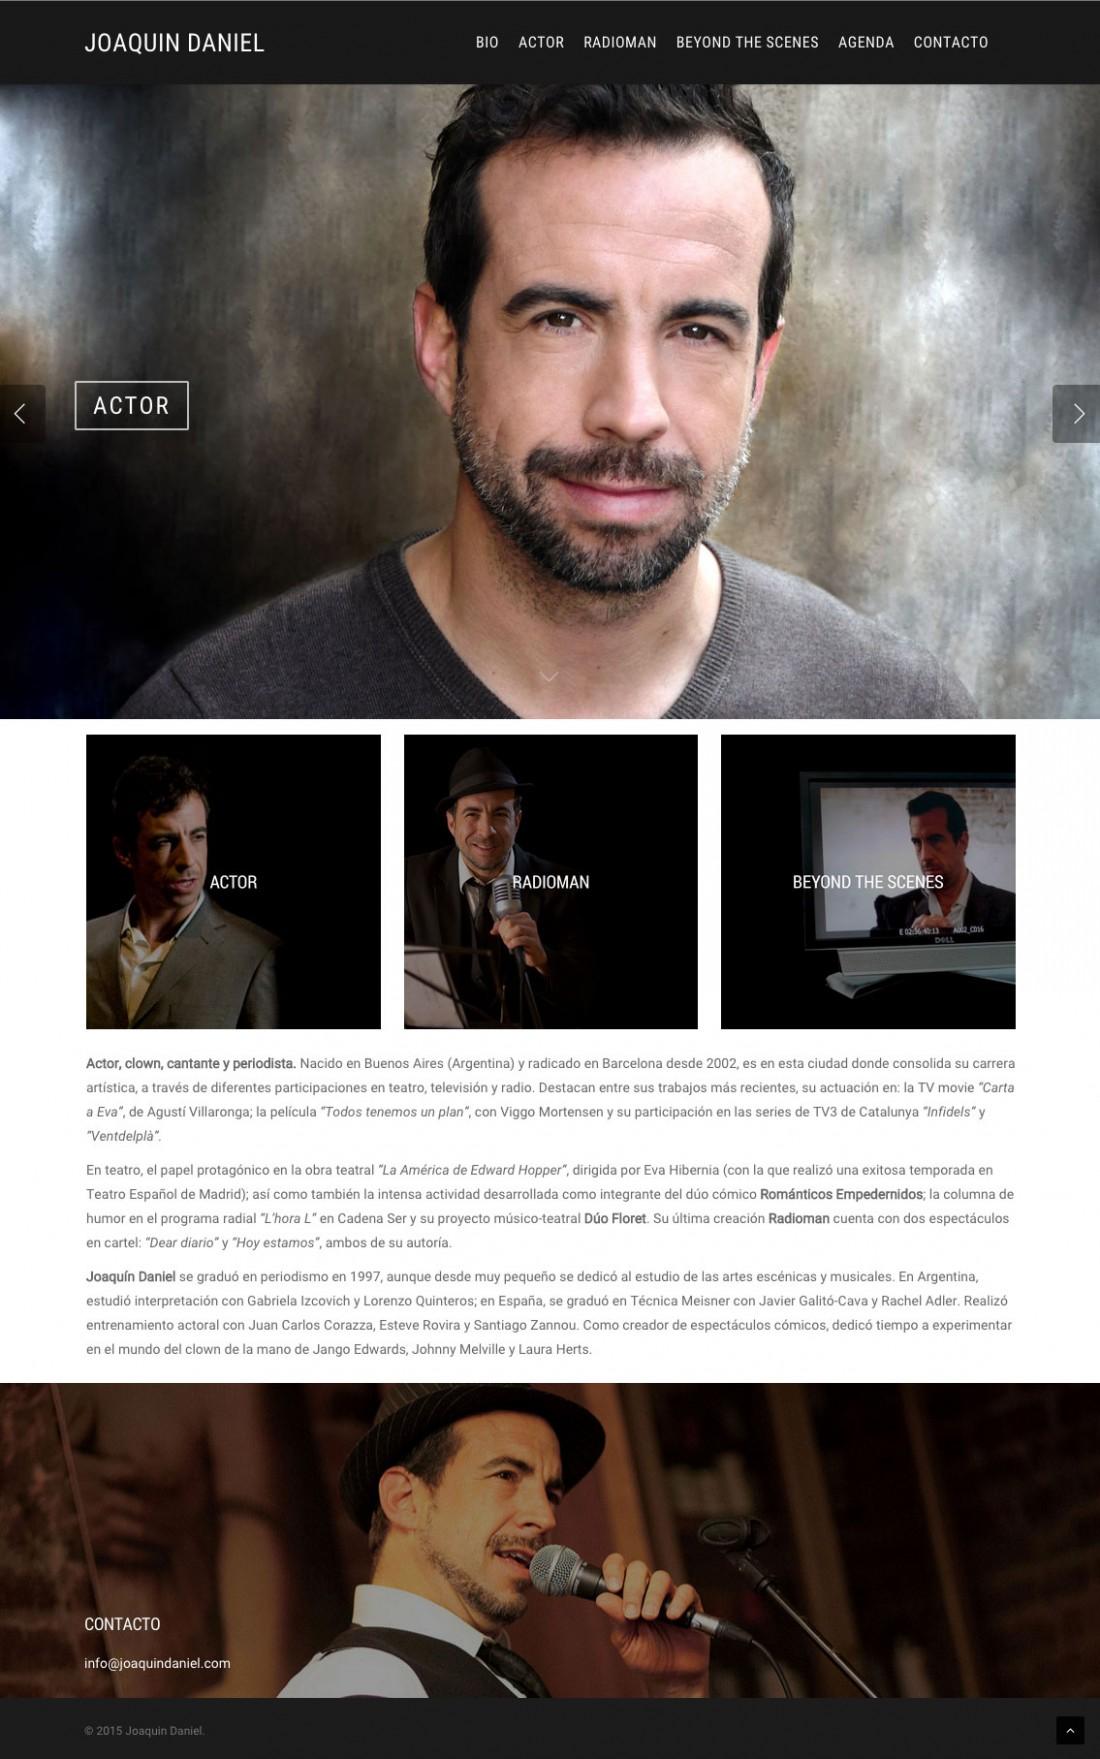 Joaquin Daniel - Actor - Diseño y Desarrollo Web